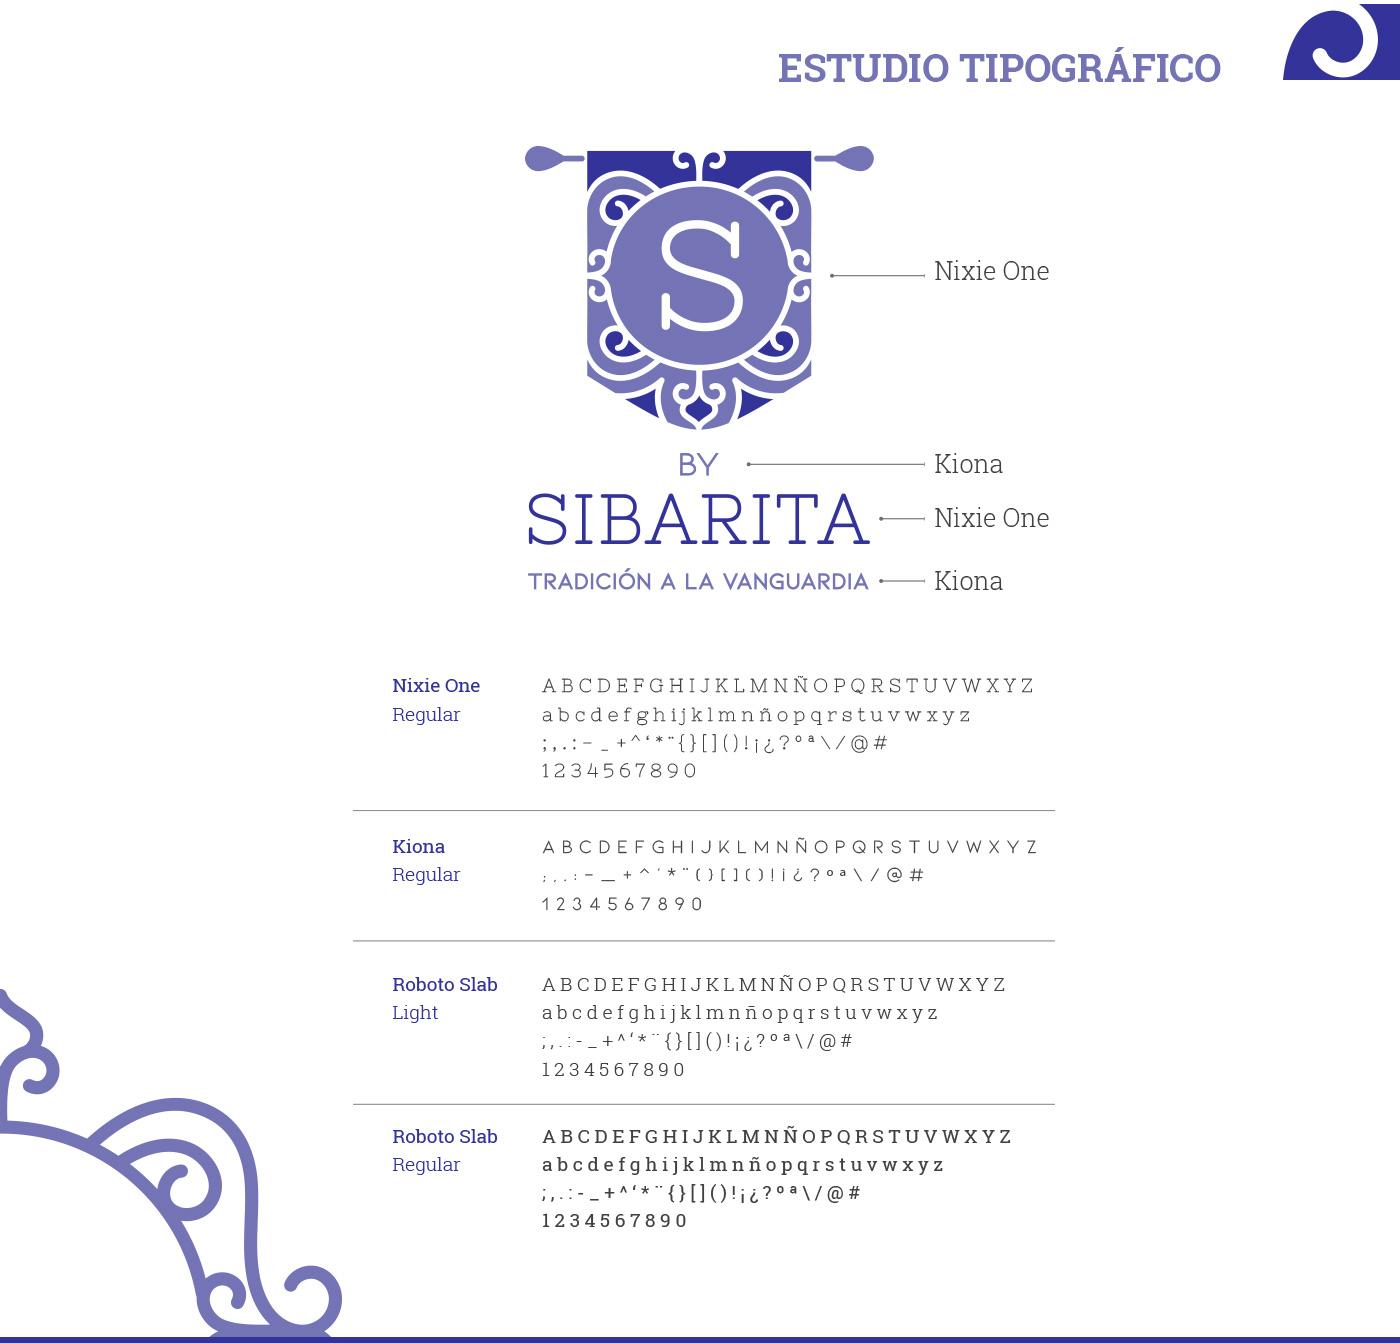 Portafolio Sibarita 04